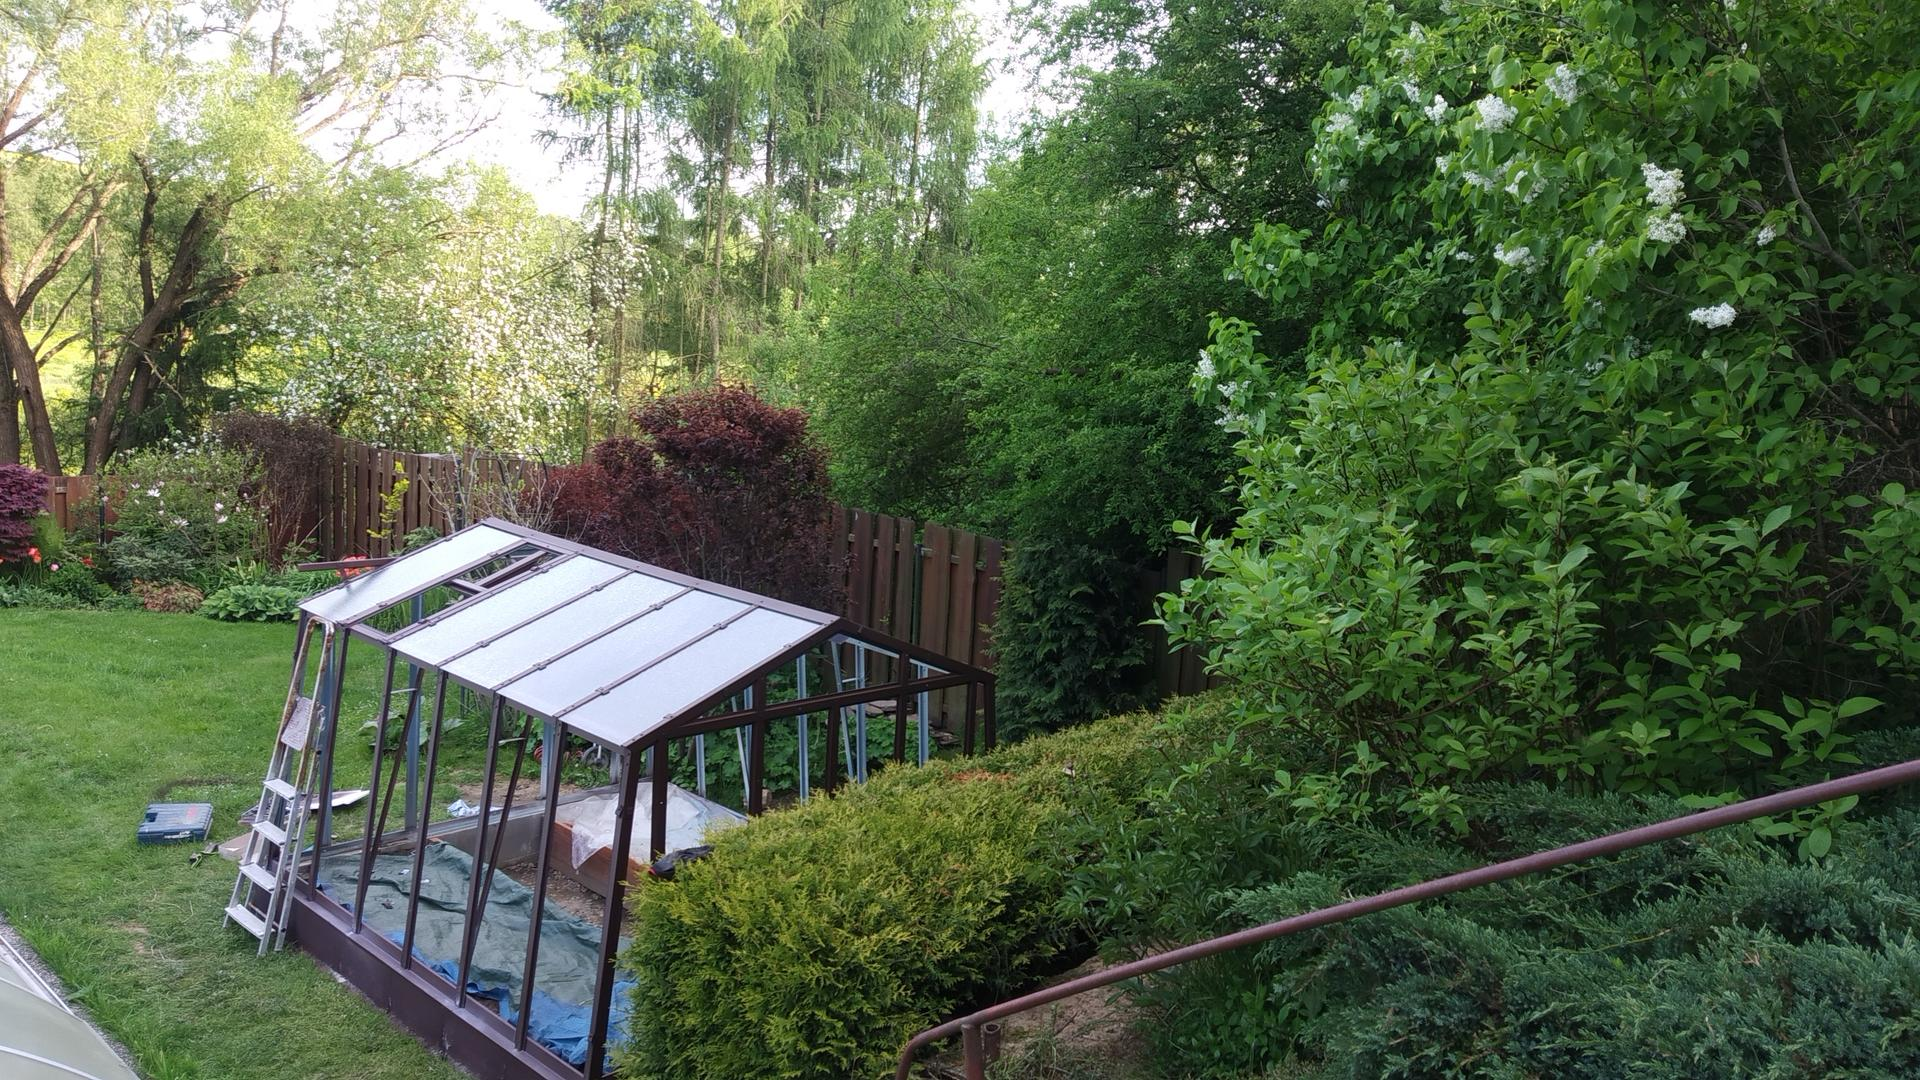 Zahrada 2021 a budování skleníku - Obrázek č. 19